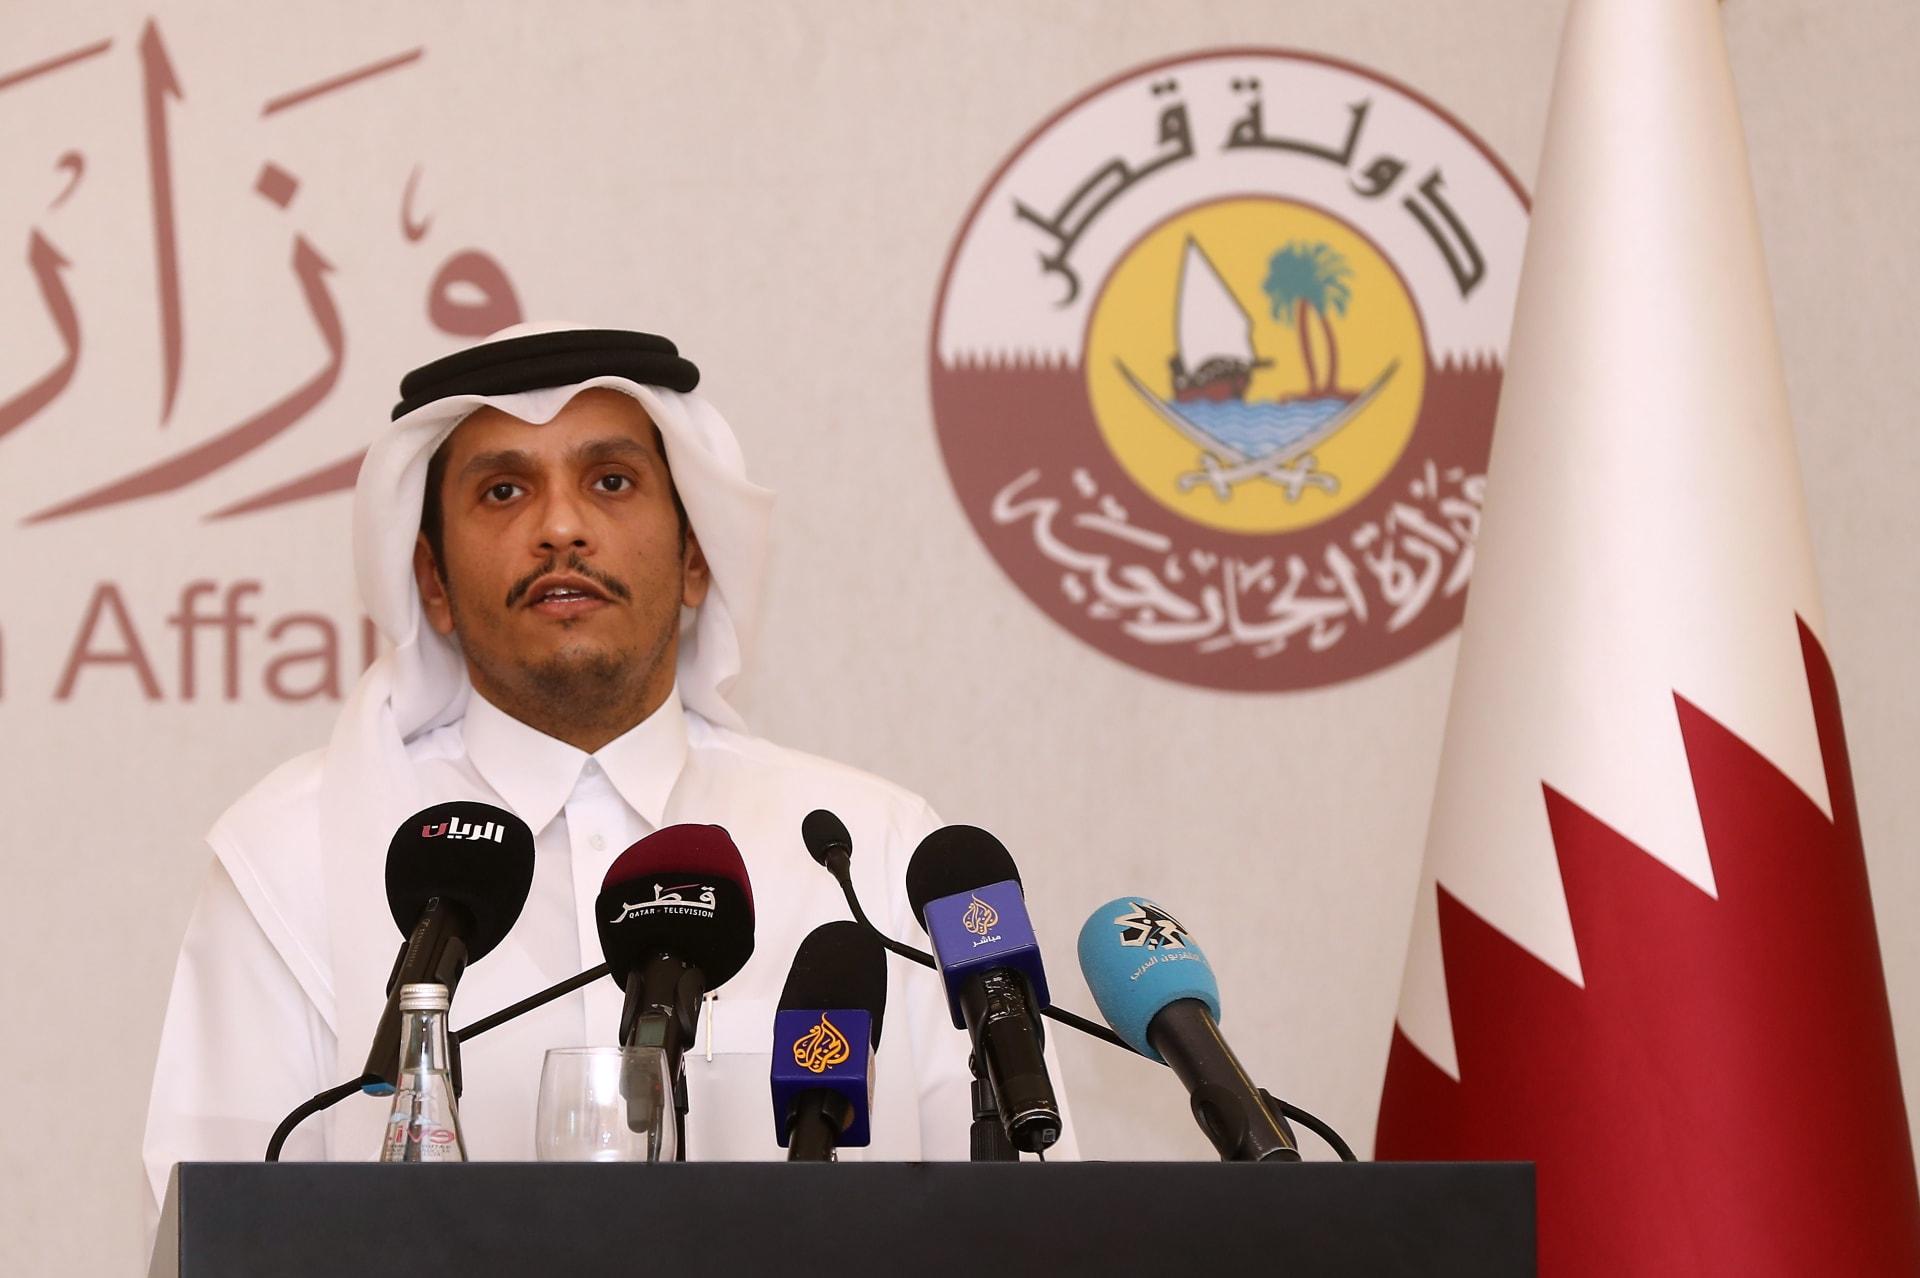 """قطر: """"حملات مضللة"""" تحاول """"تشويه صورتنا"""" على حساب الشعب الفلسطيني"""